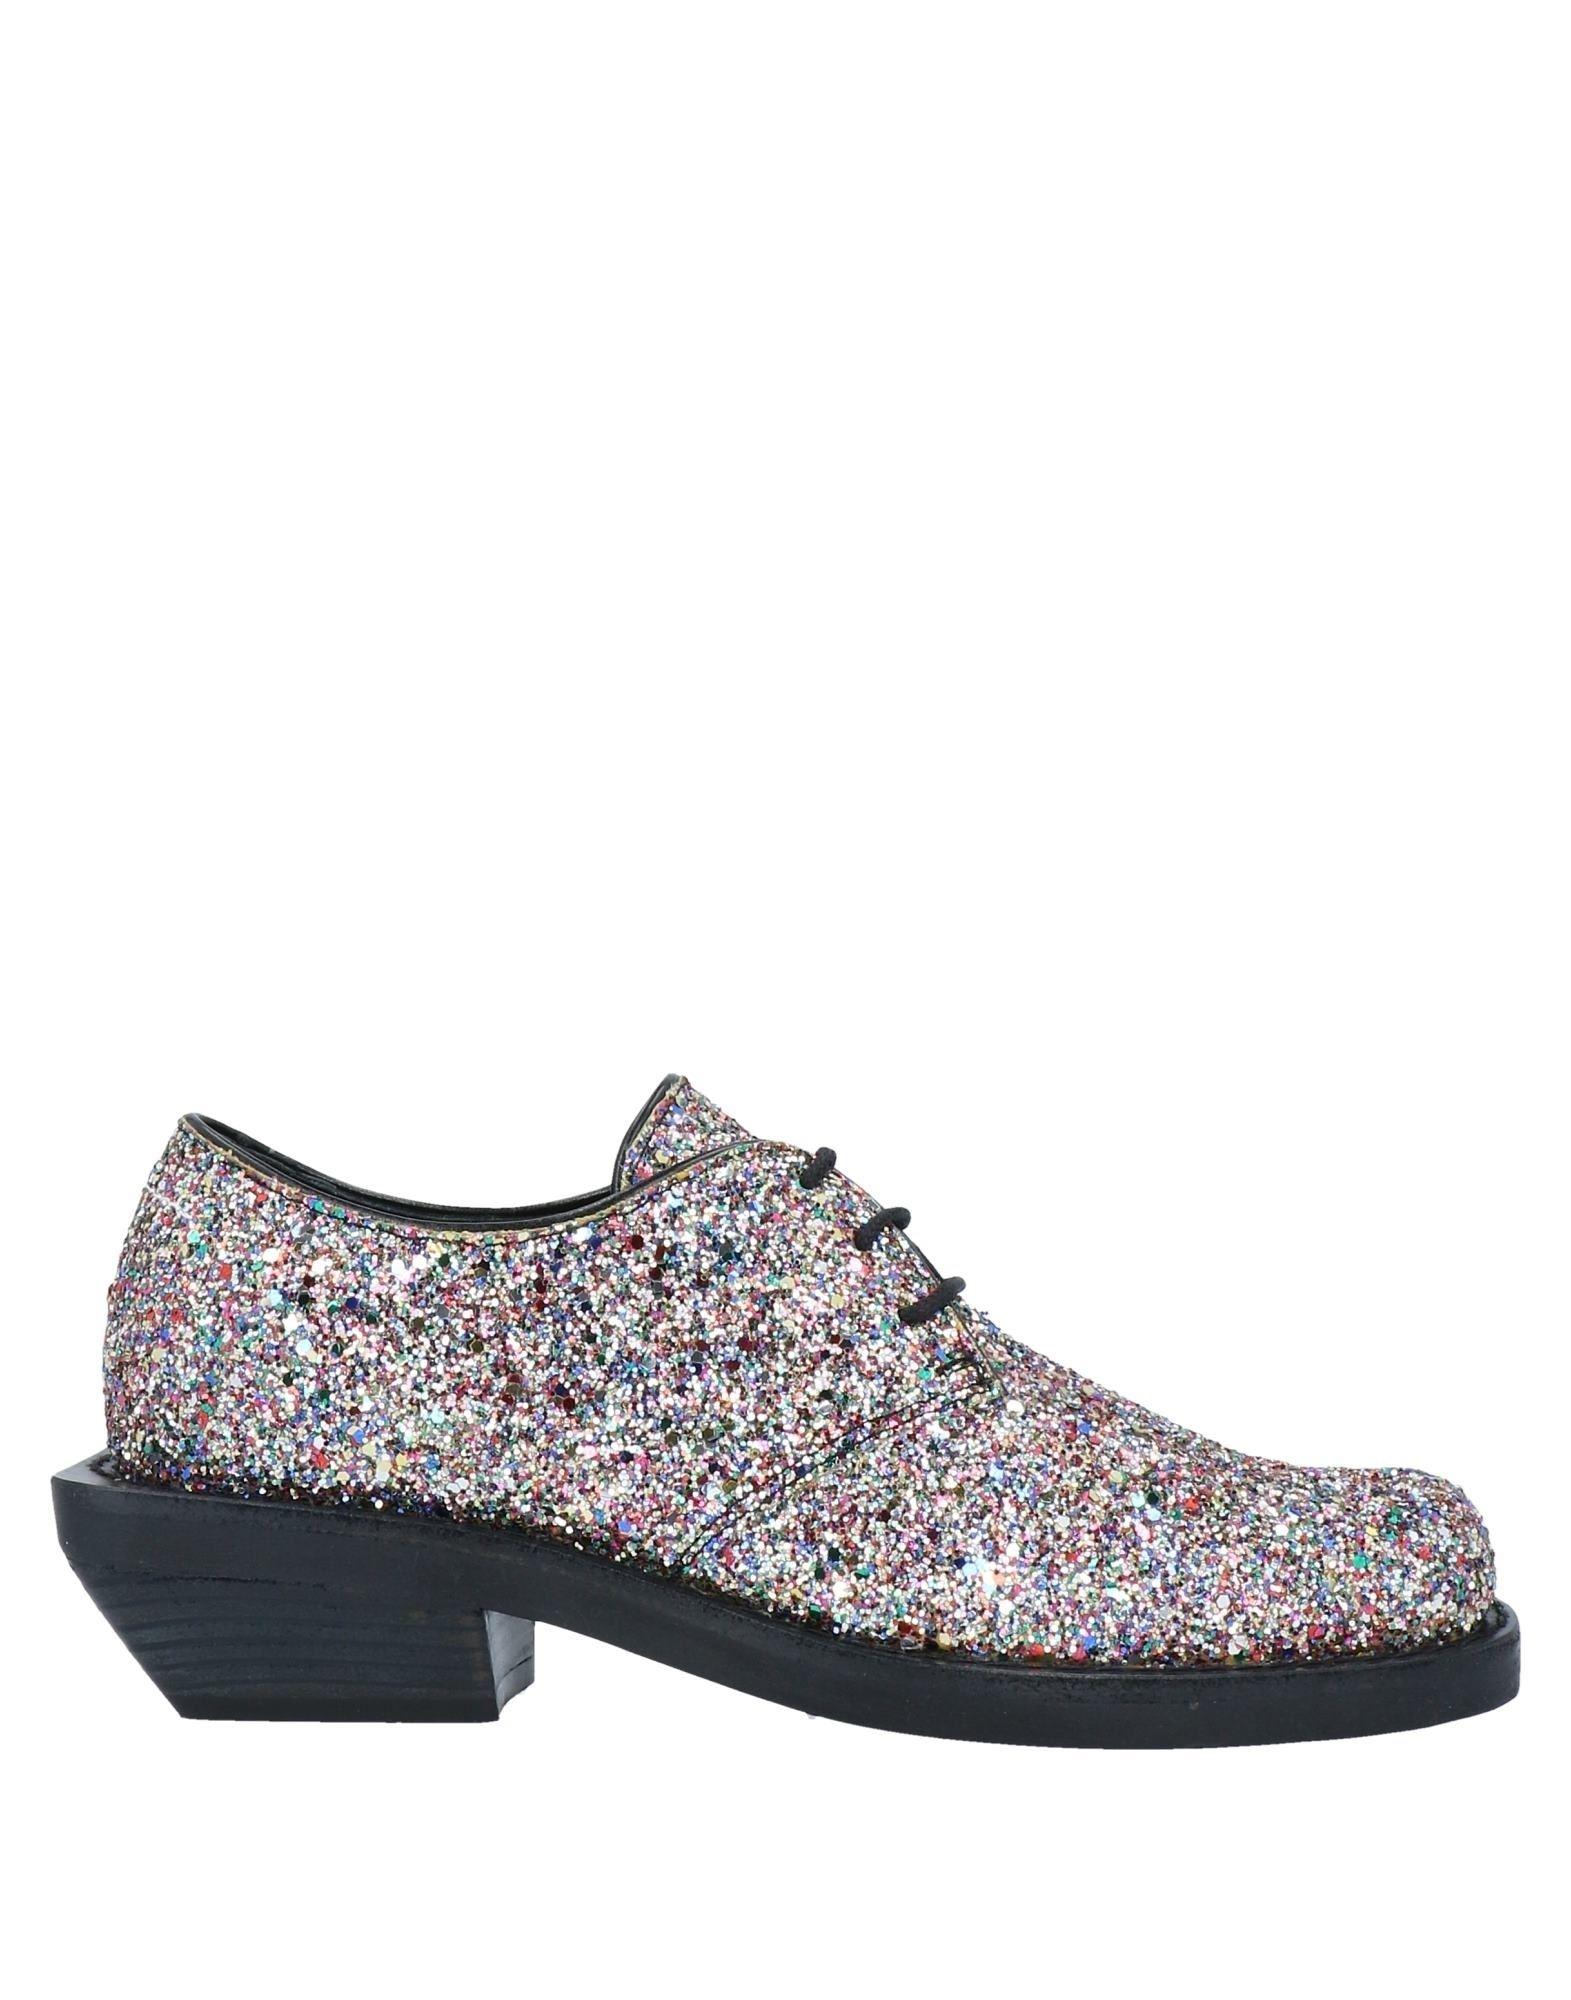 Фото - MM6 MAISON MARGIELA Обувь на шнурках maison margiela 22 обувь на шнурках